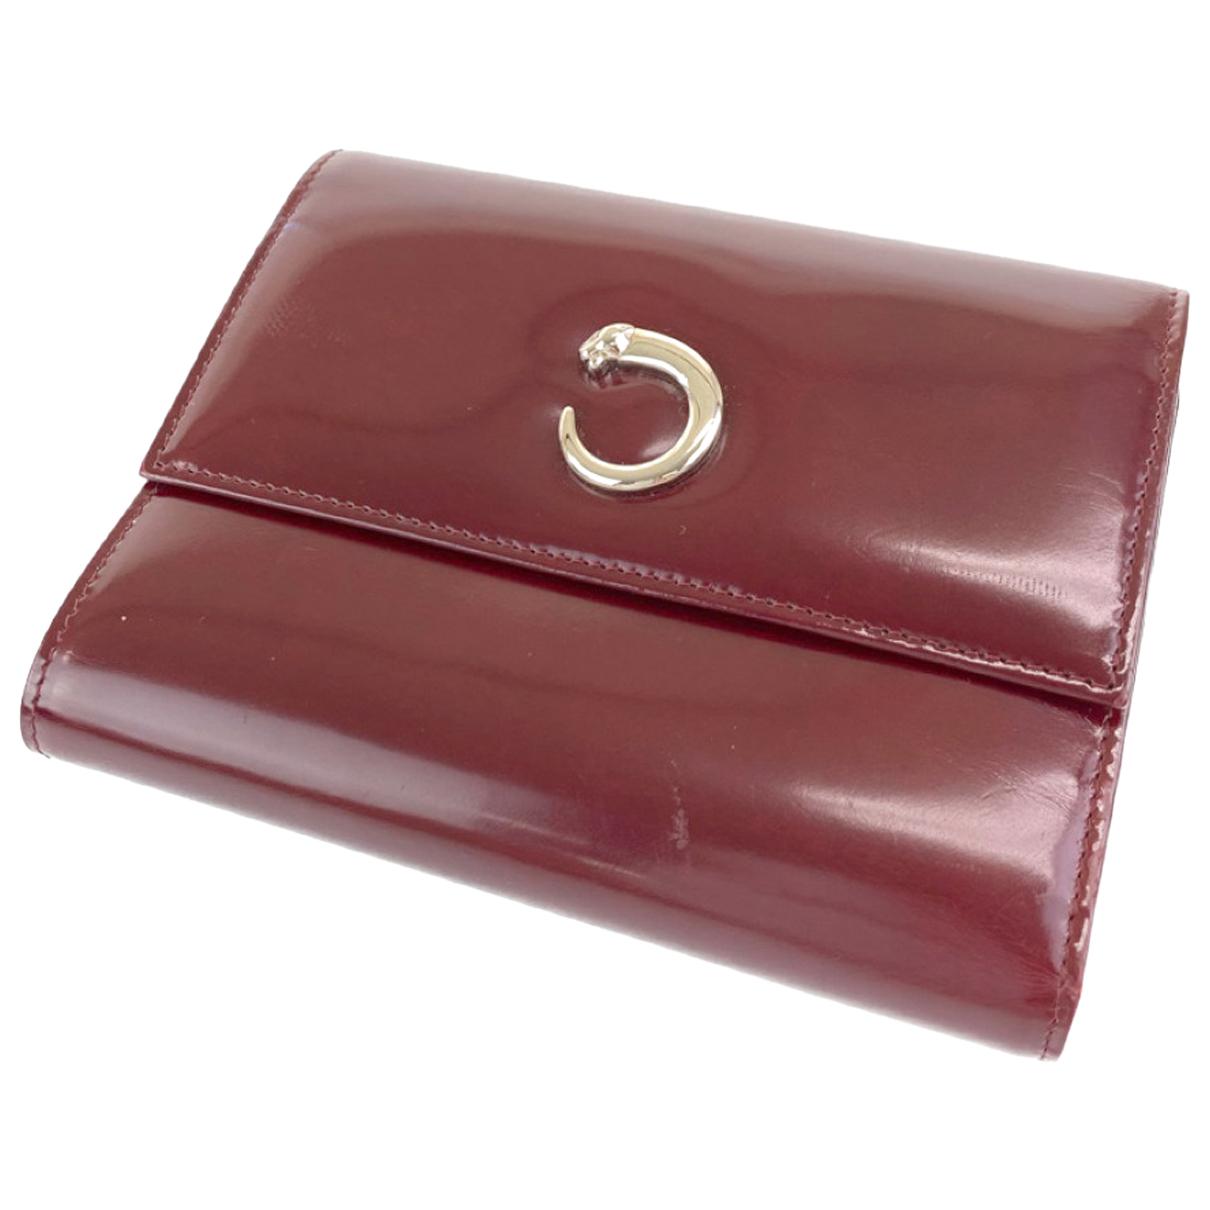 Marroquineria de Cuero Cartier